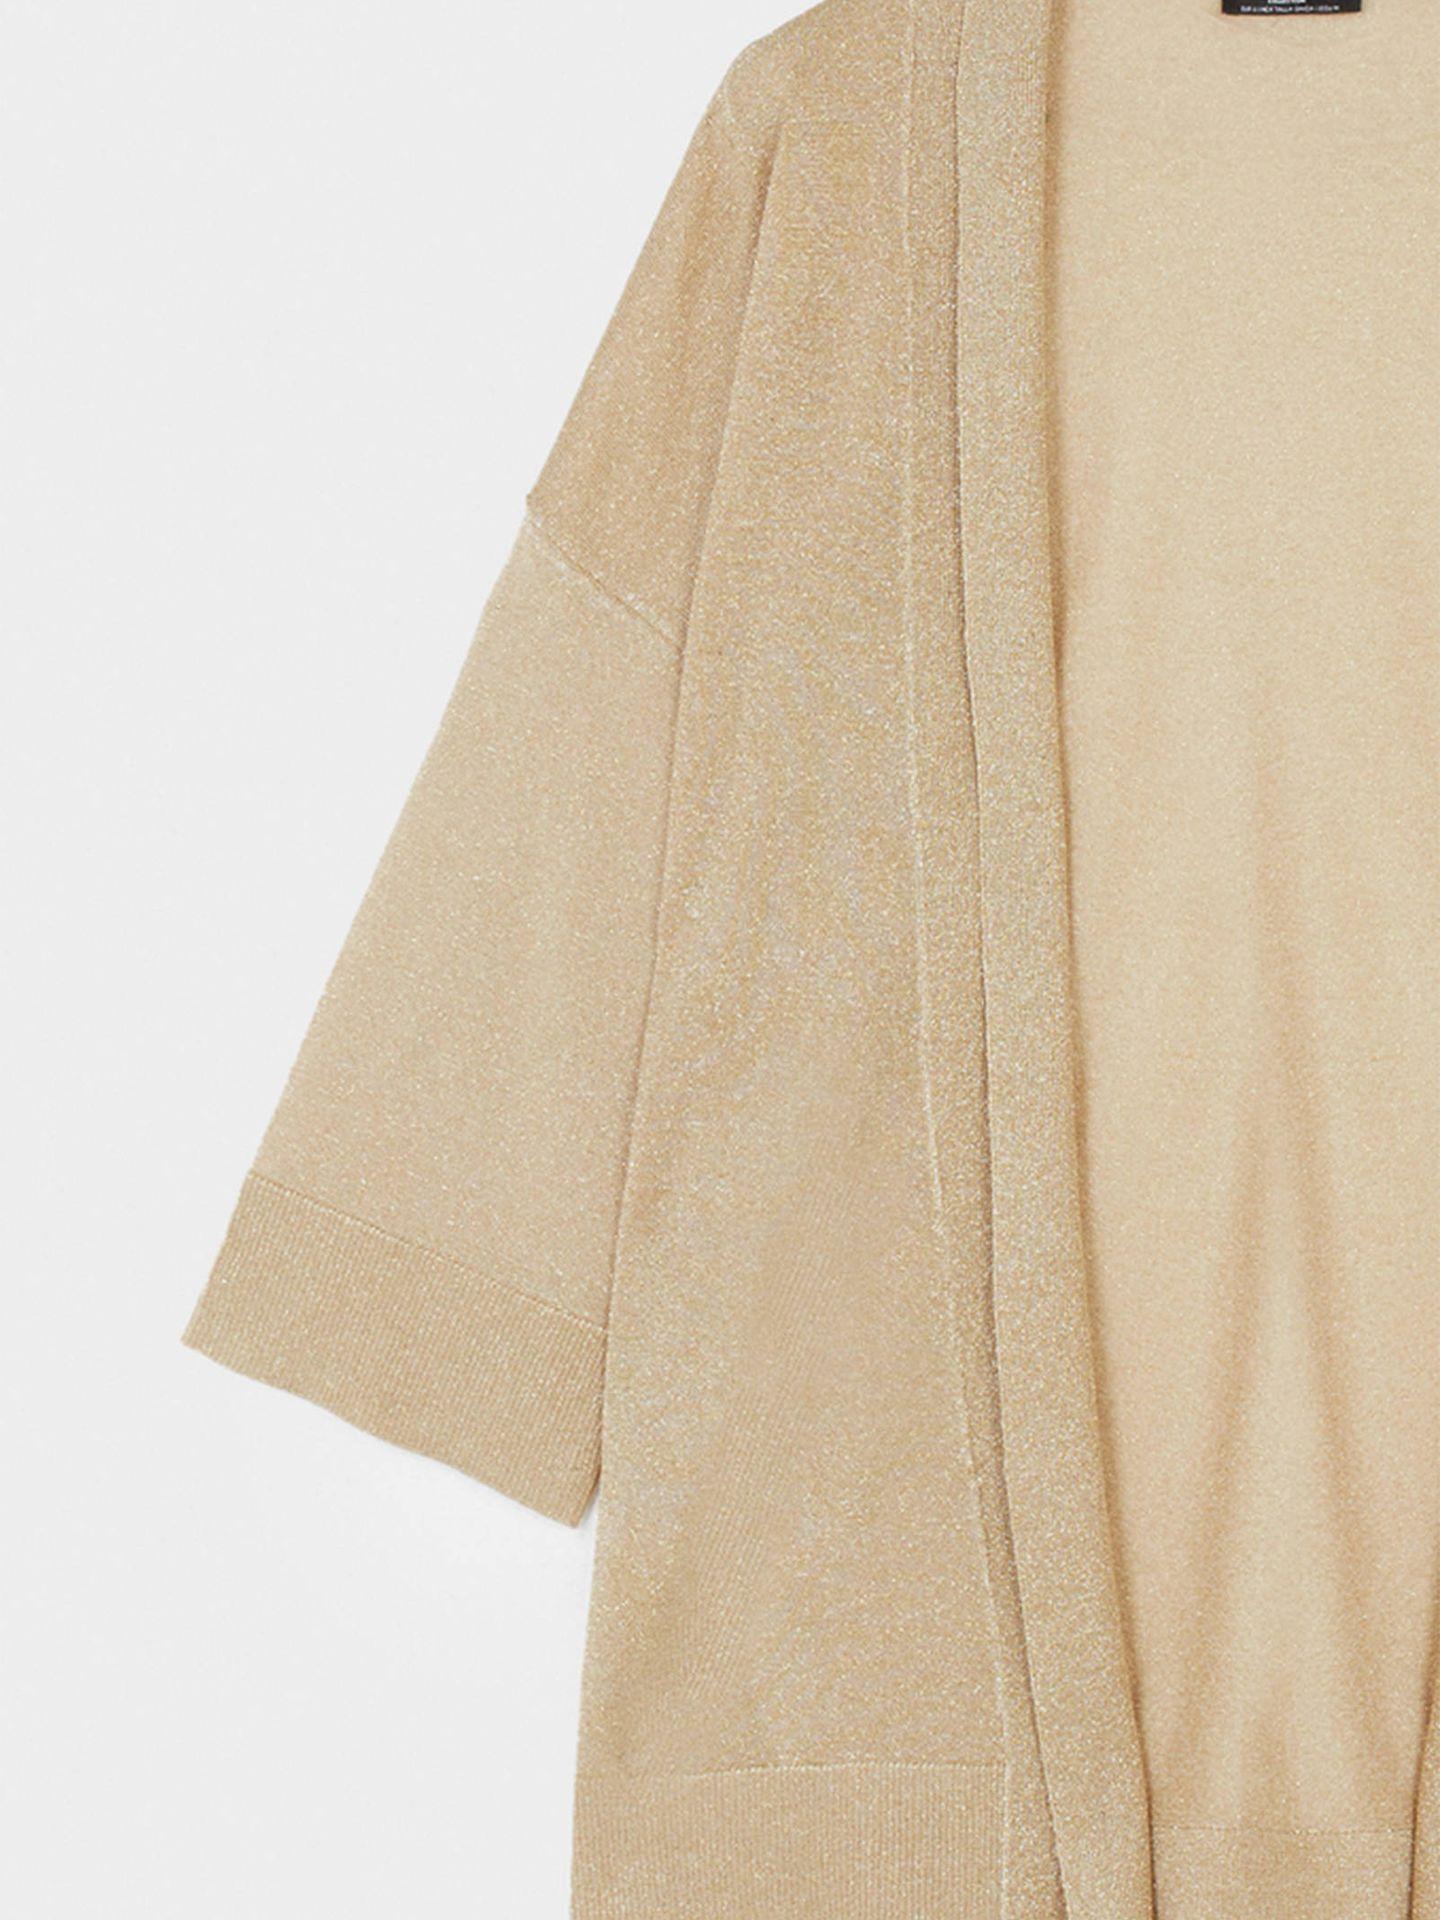 Kimono beige de Parfois. (Cortesía)